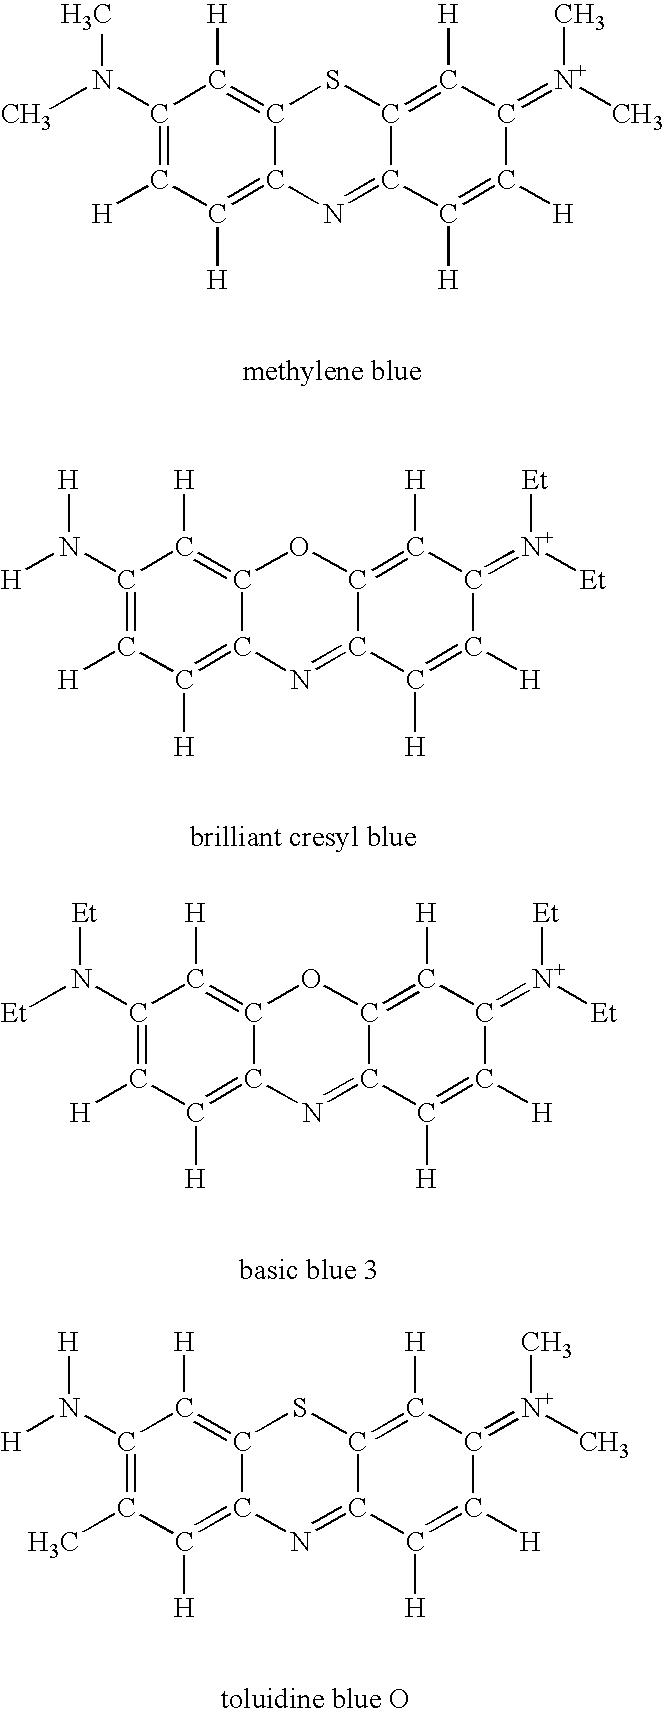 Figure US20040043254A1-20040304-C00007